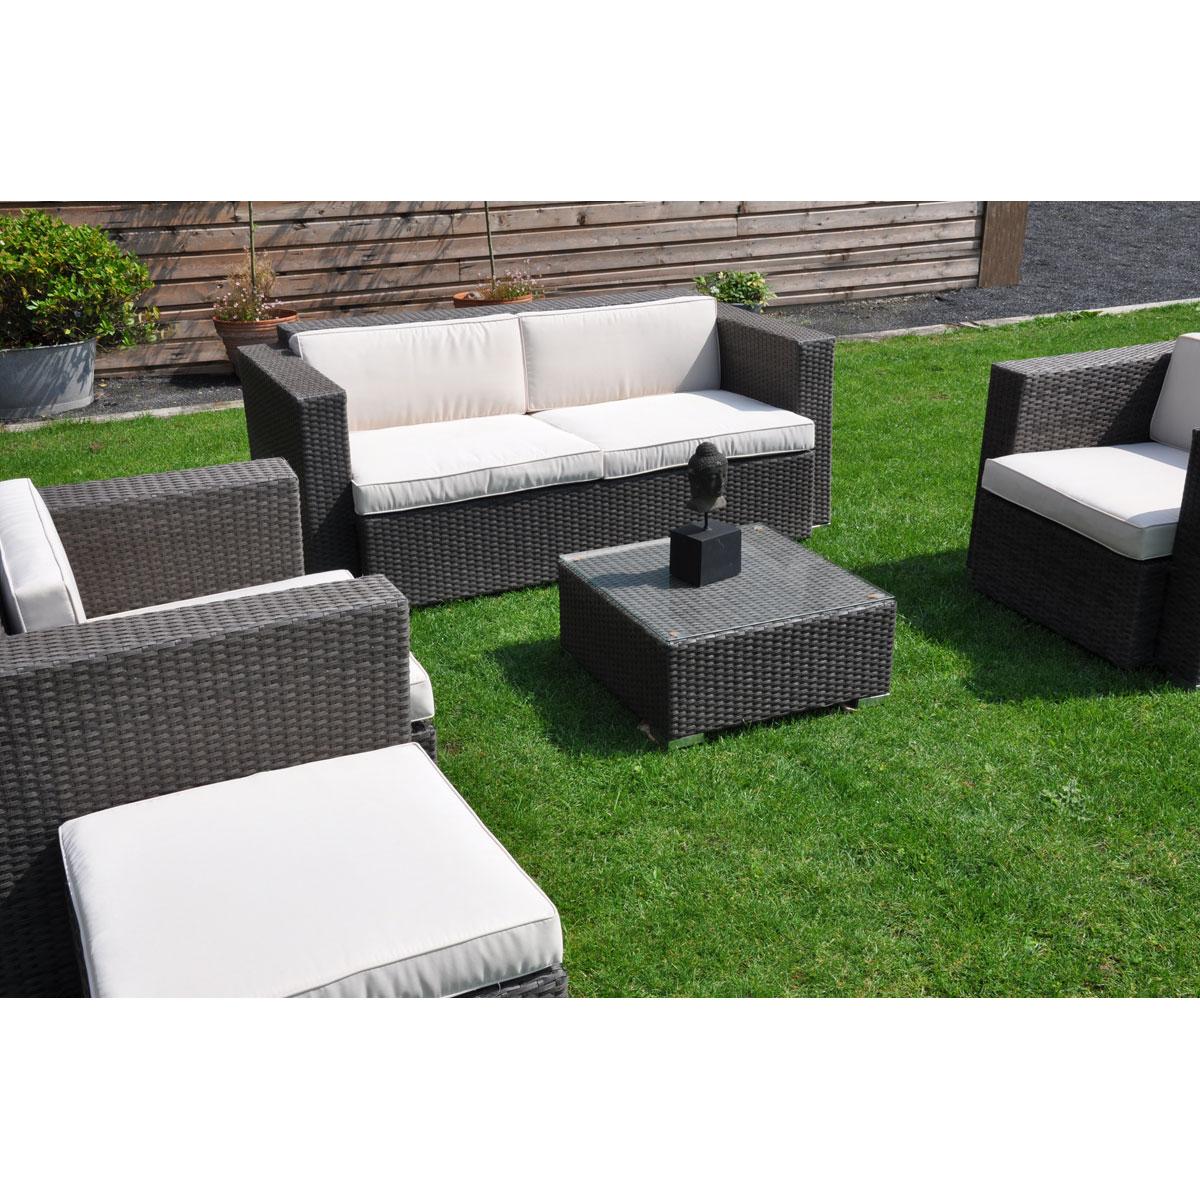 salon de jardin california allibert abri de jardin et. Black Bedroom Furniture Sets. Home Design Ideas